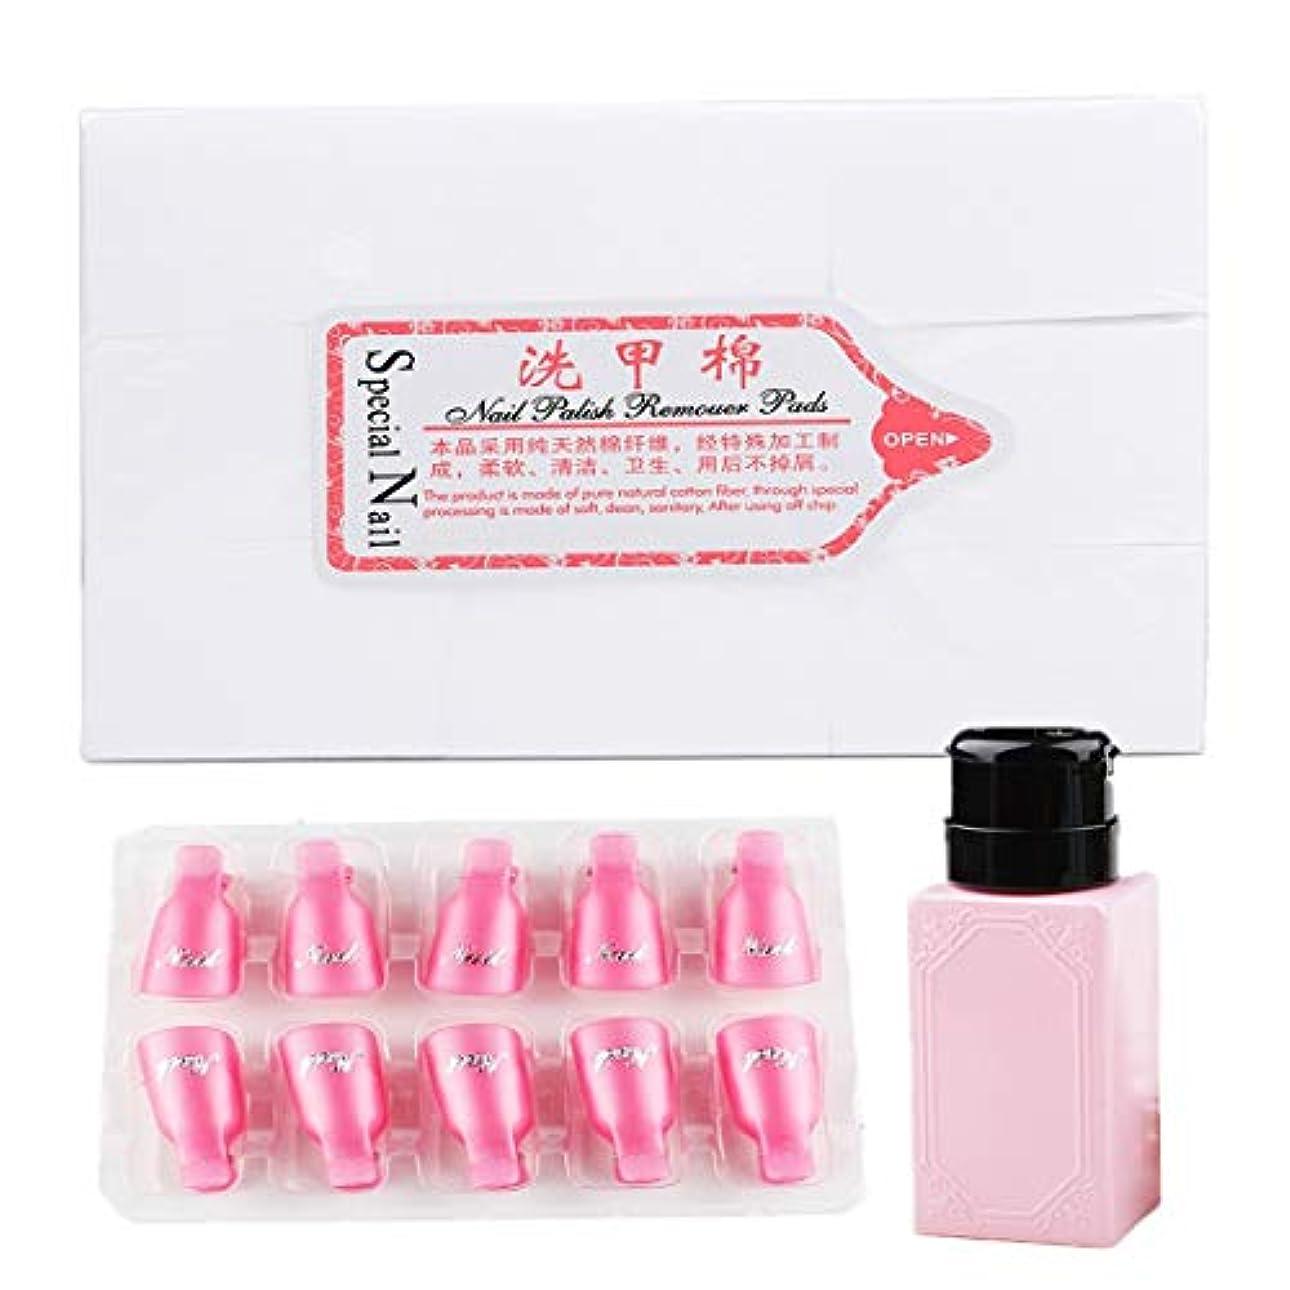 Tianmey ネイルポリッシュリムーバーツール800個のポリッシュリムーバーコットンパッドと10個のピンクのプラスチックネイルリムーバーラップと1個のマニキュアリムーバーボトル